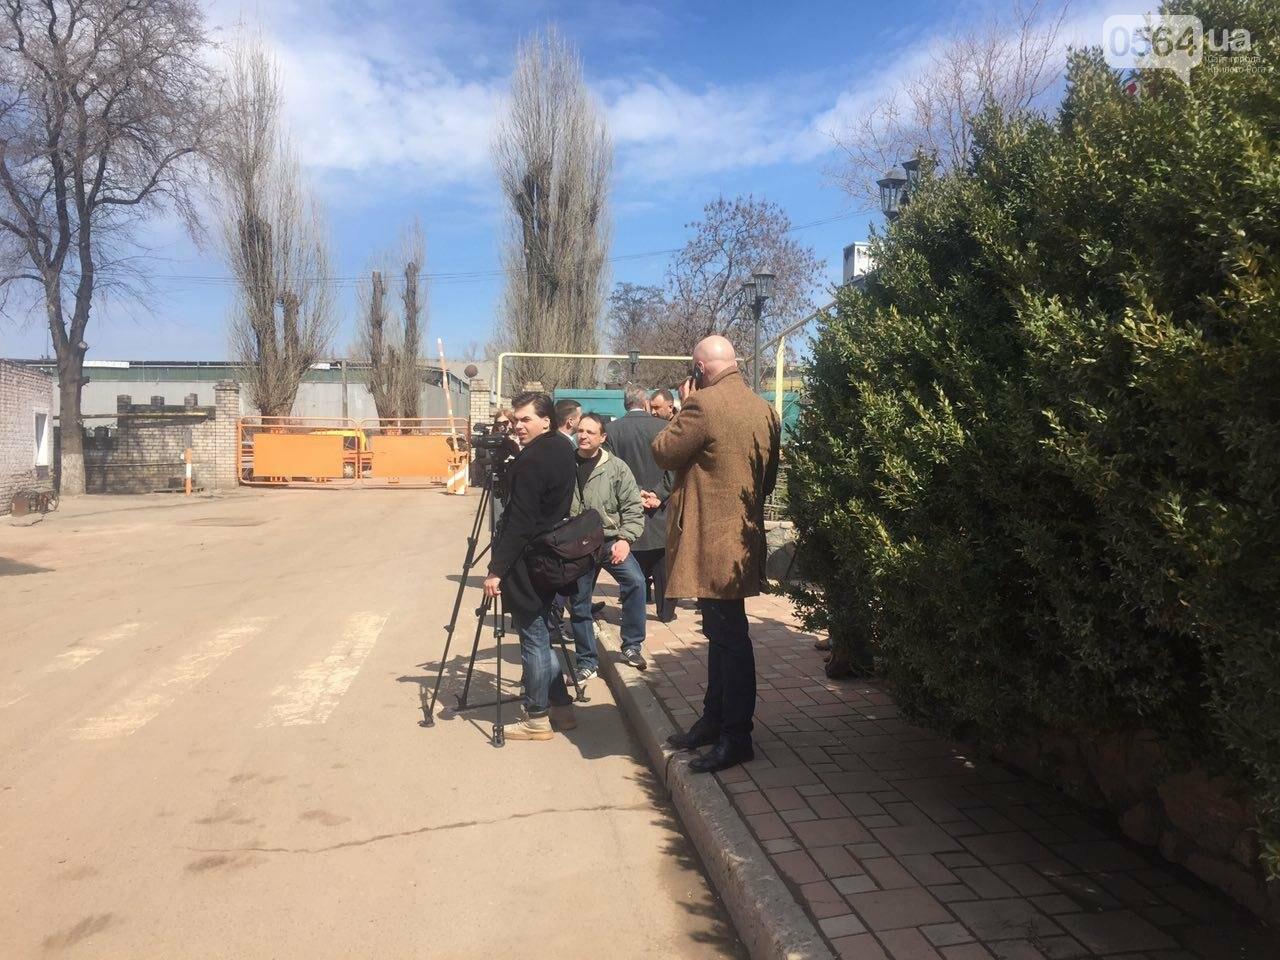 В Кривом Роге запустили первый асфальтный завод и рассказали о планах по ремонту дорог (ФОТО), фото-11